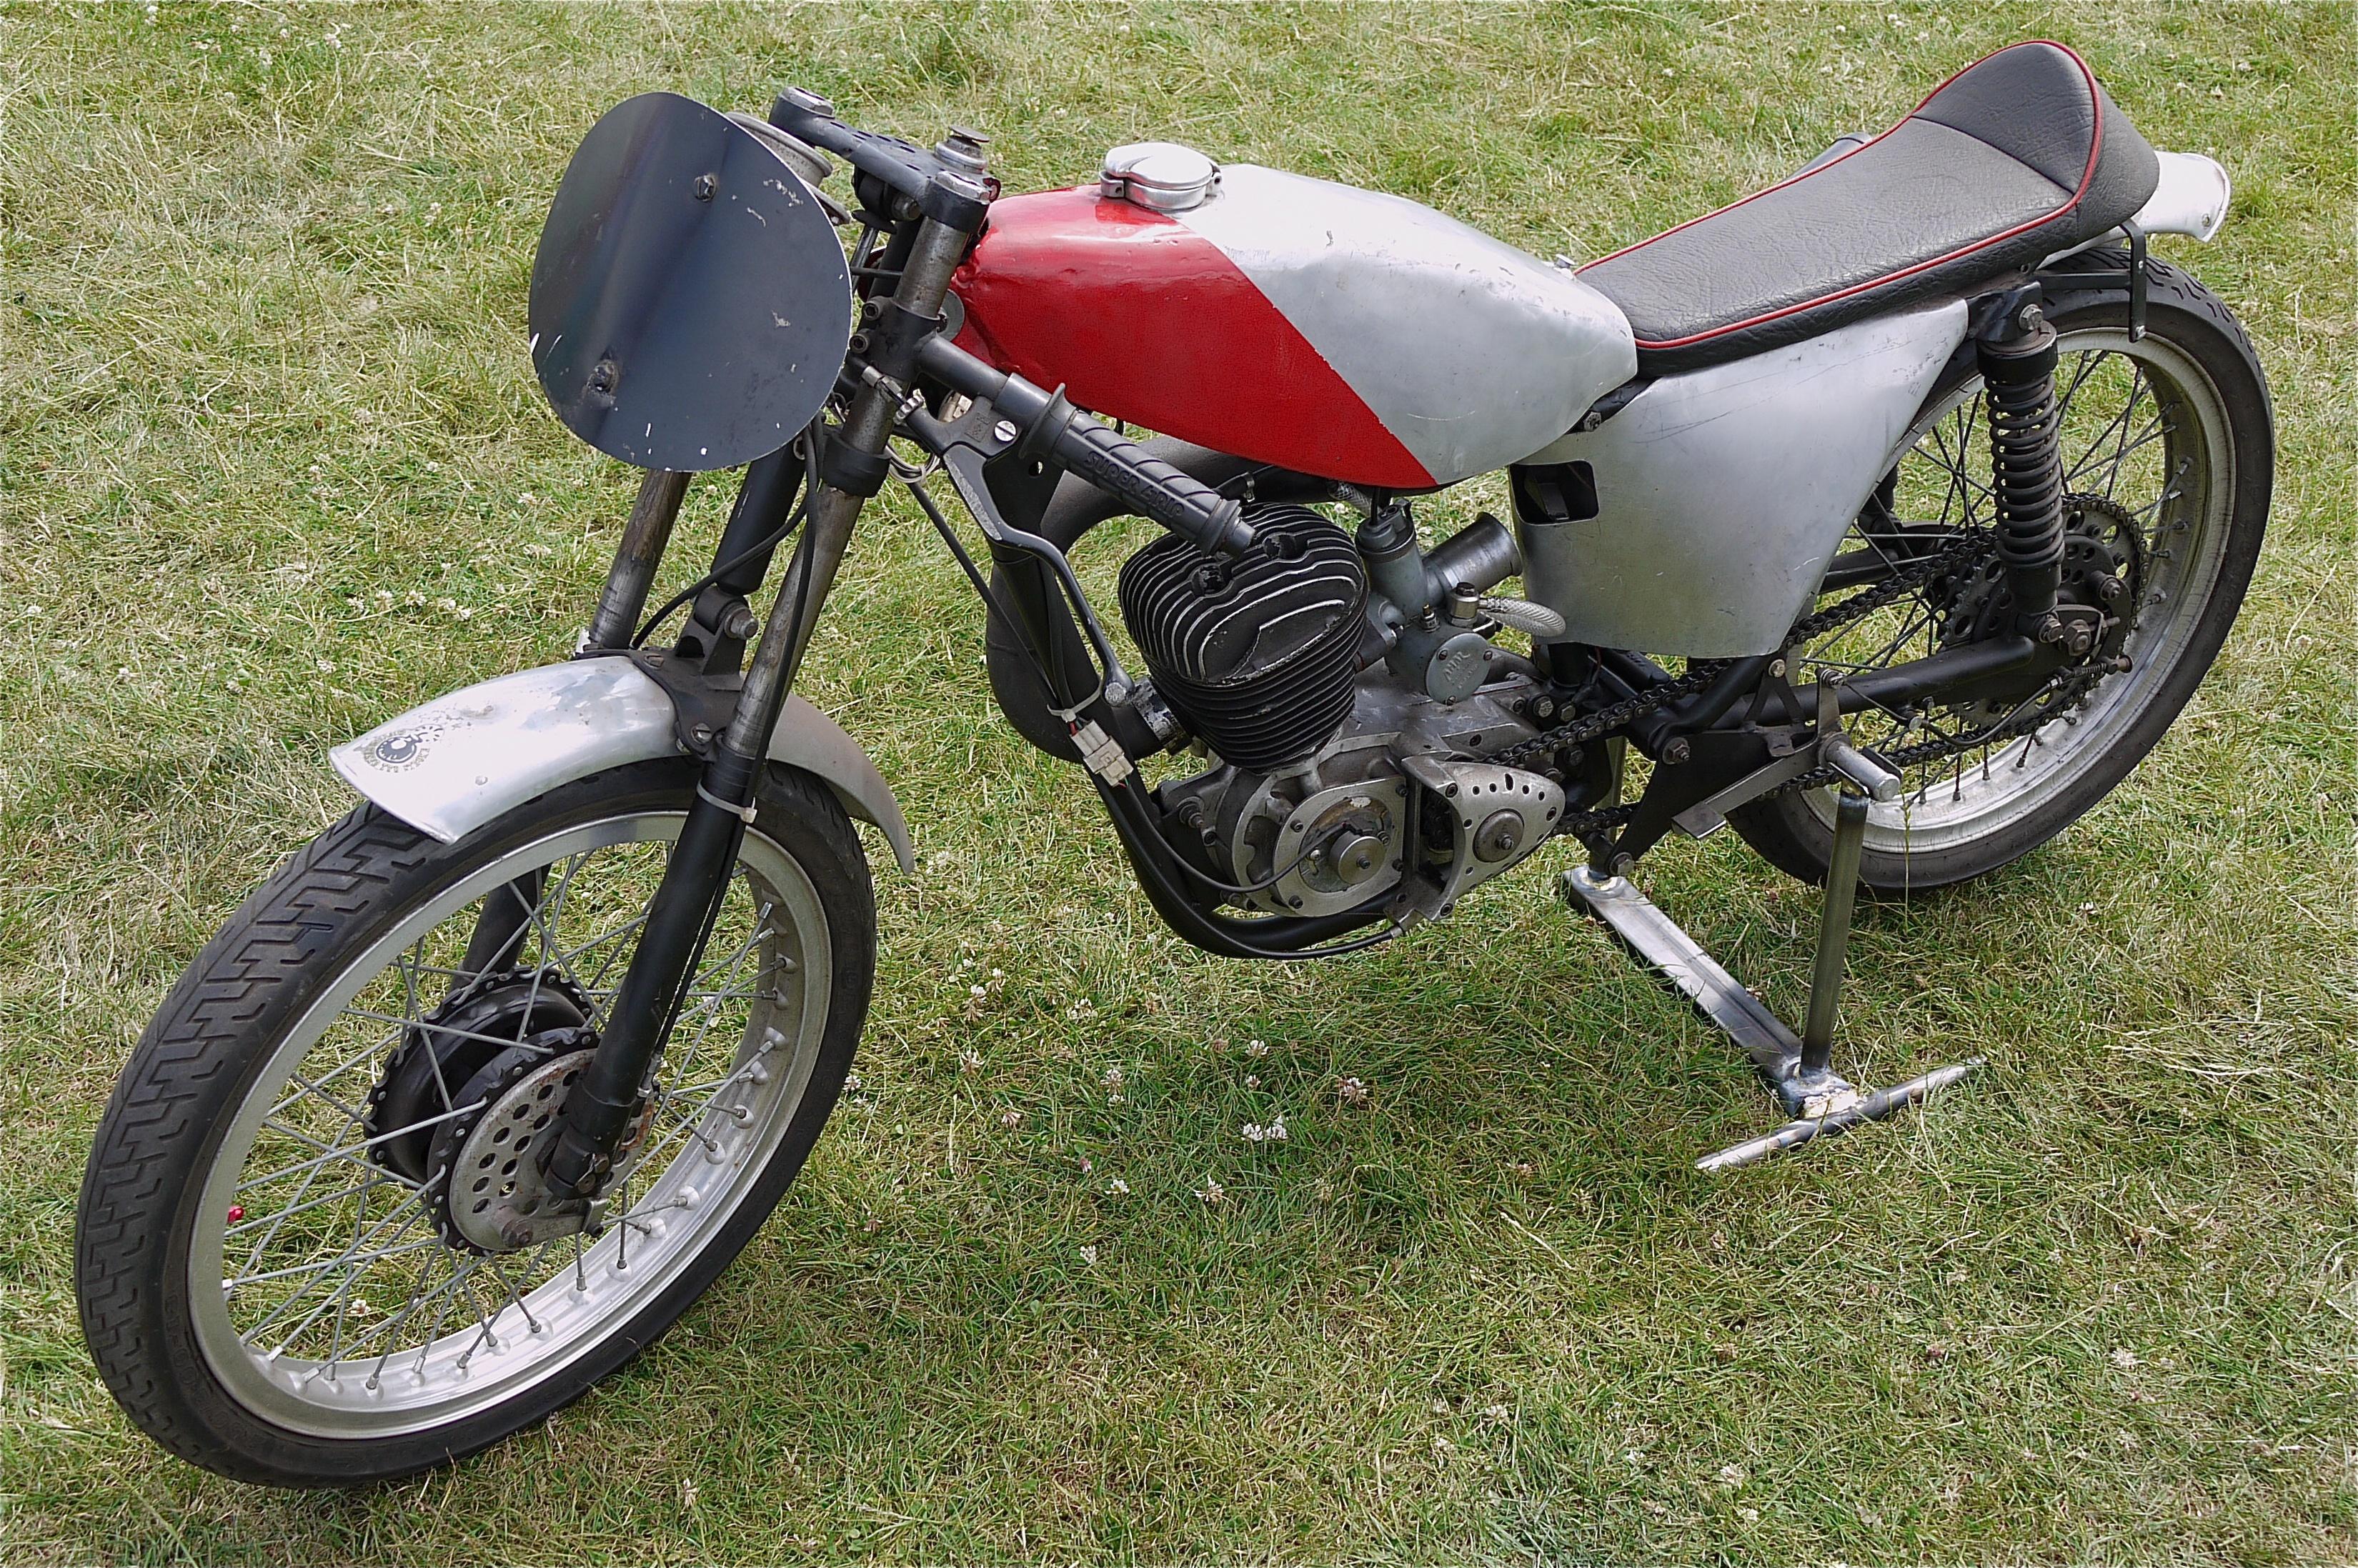 Kawasaki Ar Cc Cafe Racer For Sale